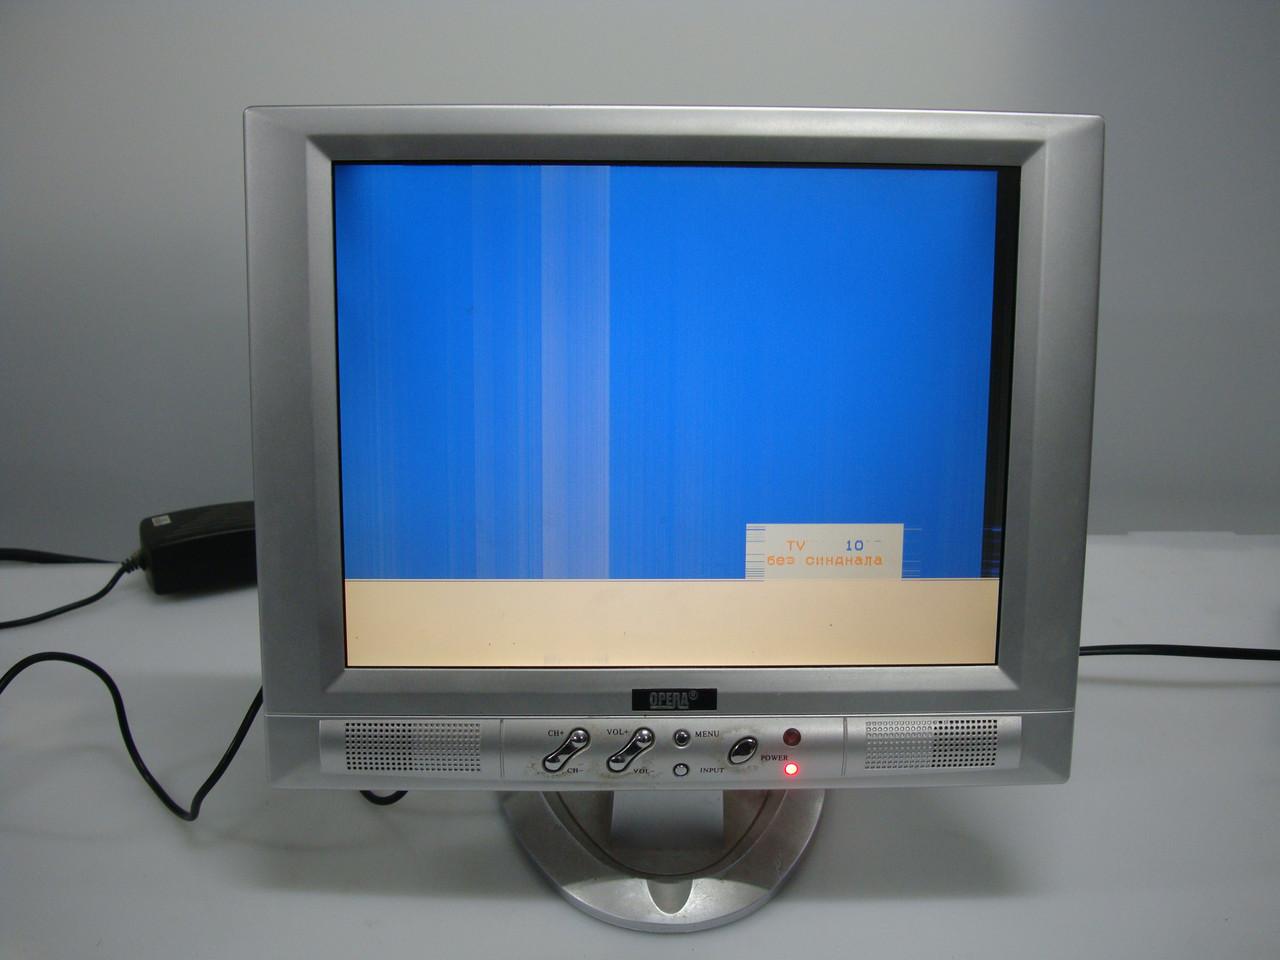 """Маленький телевизор  ЖК 11"""" Opera на запчасти или под восстановление"""